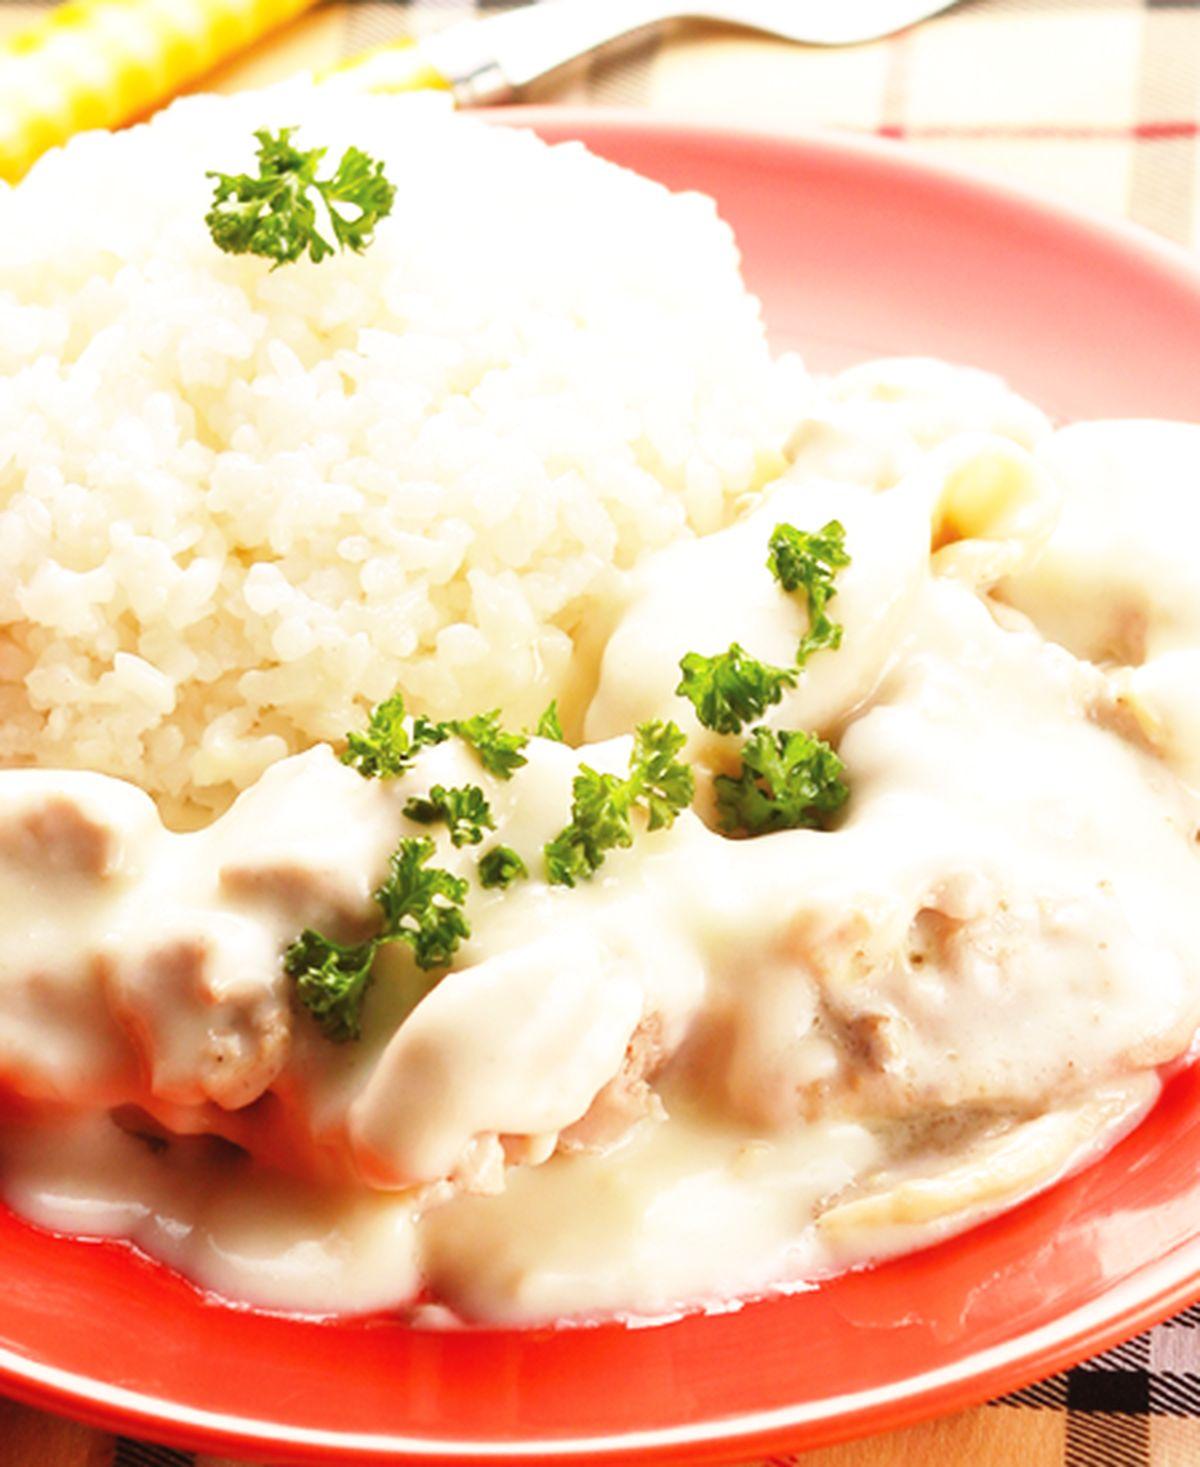 食譜:優格白醬燴雞腿飯